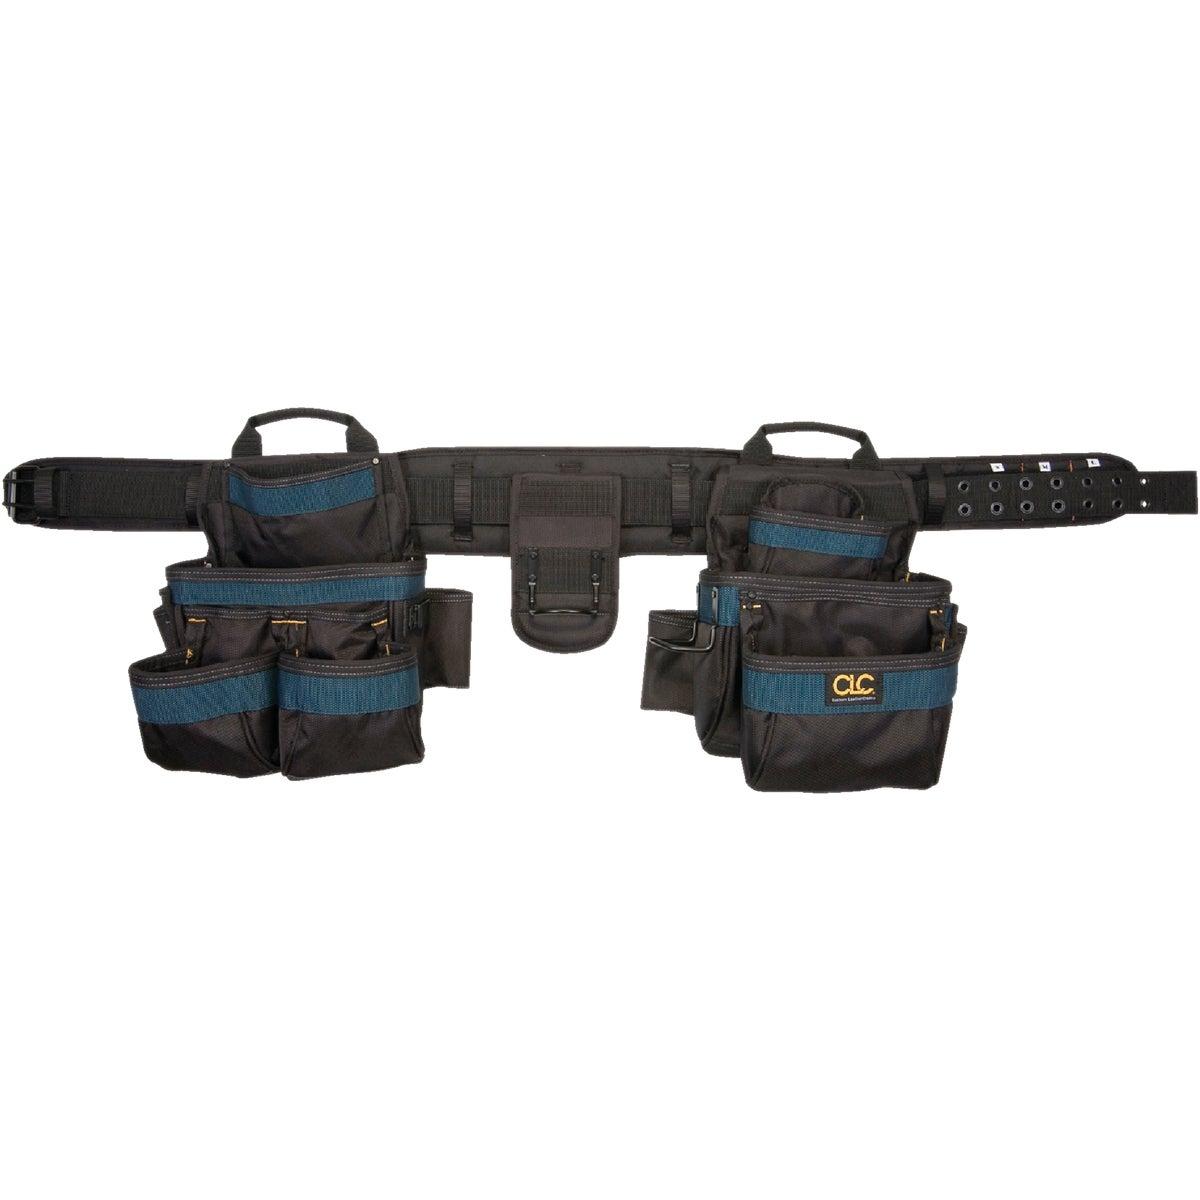 20PKT CRPNTR COMBO SET - 2605 by Custom Leathercraft